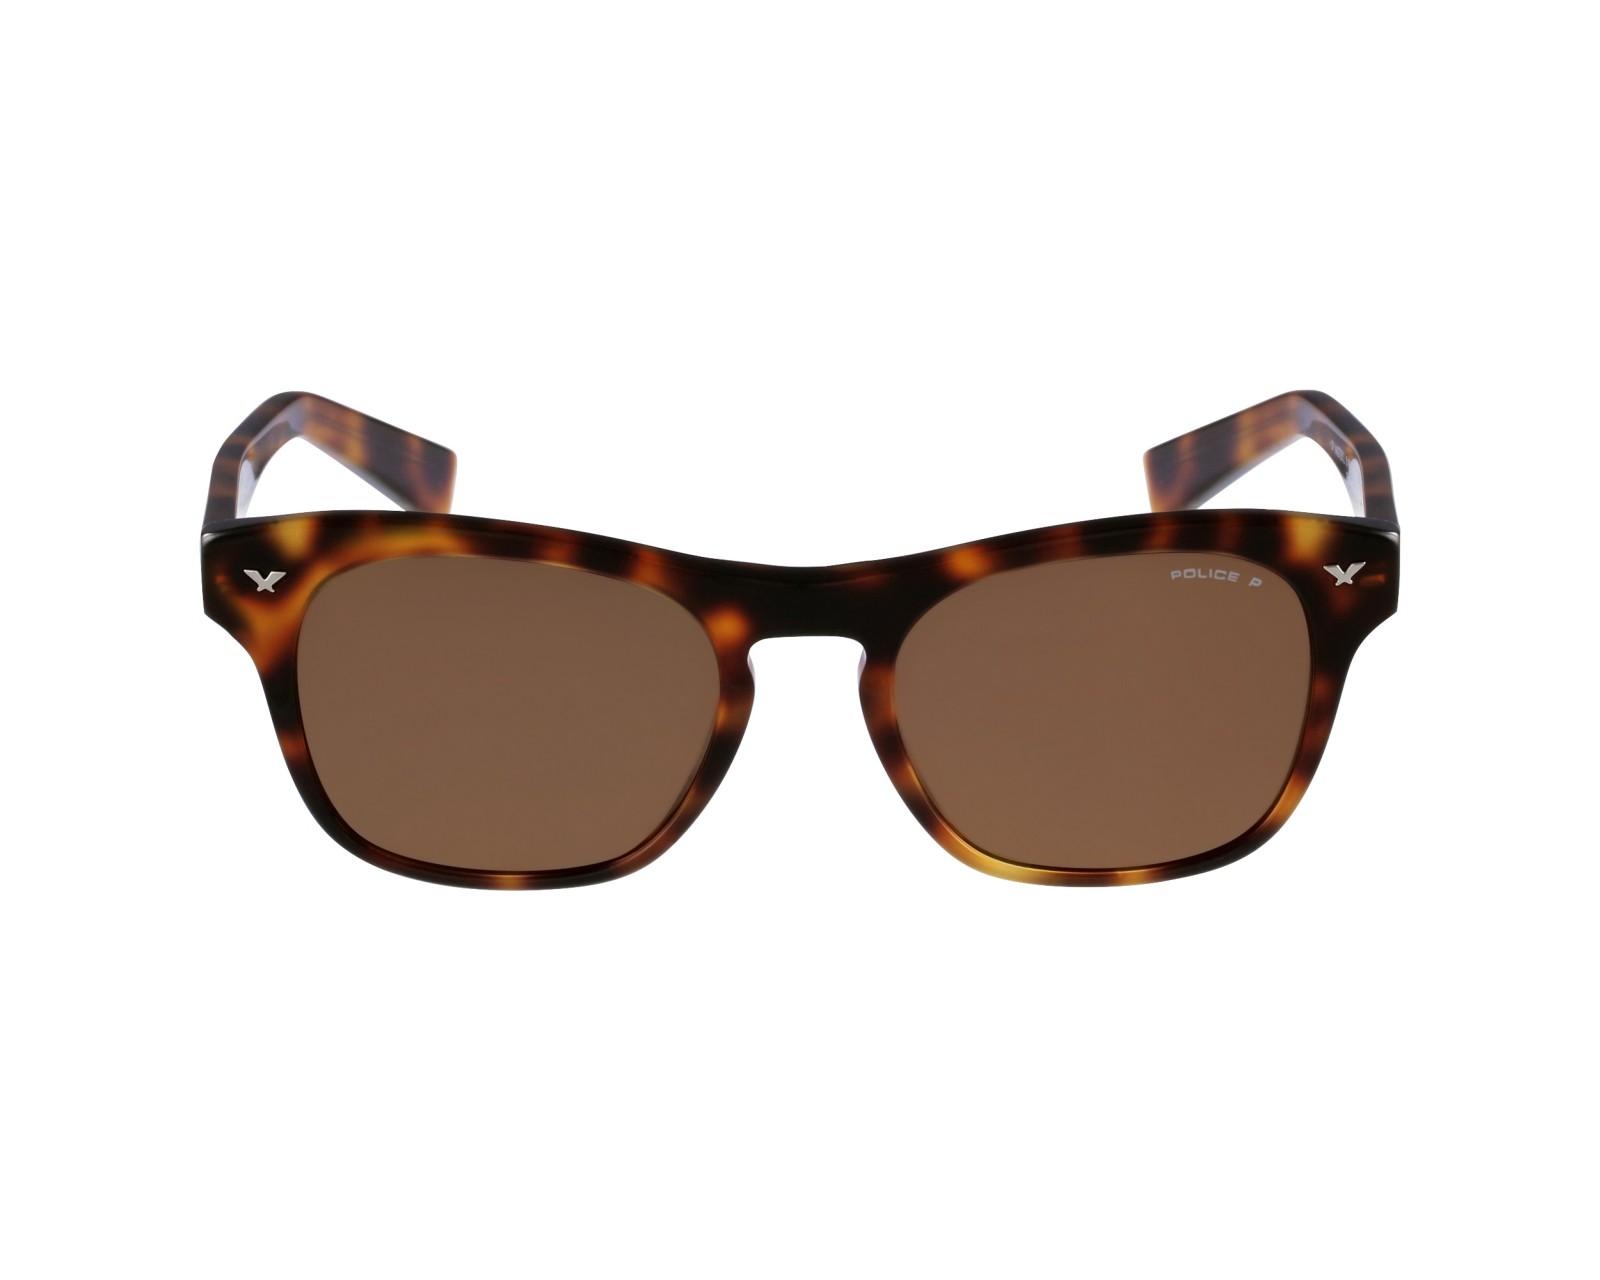 lunettes de soleil police s 1952 9ajp havane avec des verres marron pour hommes. Black Bedroom Furniture Sets. Home Design Ideas